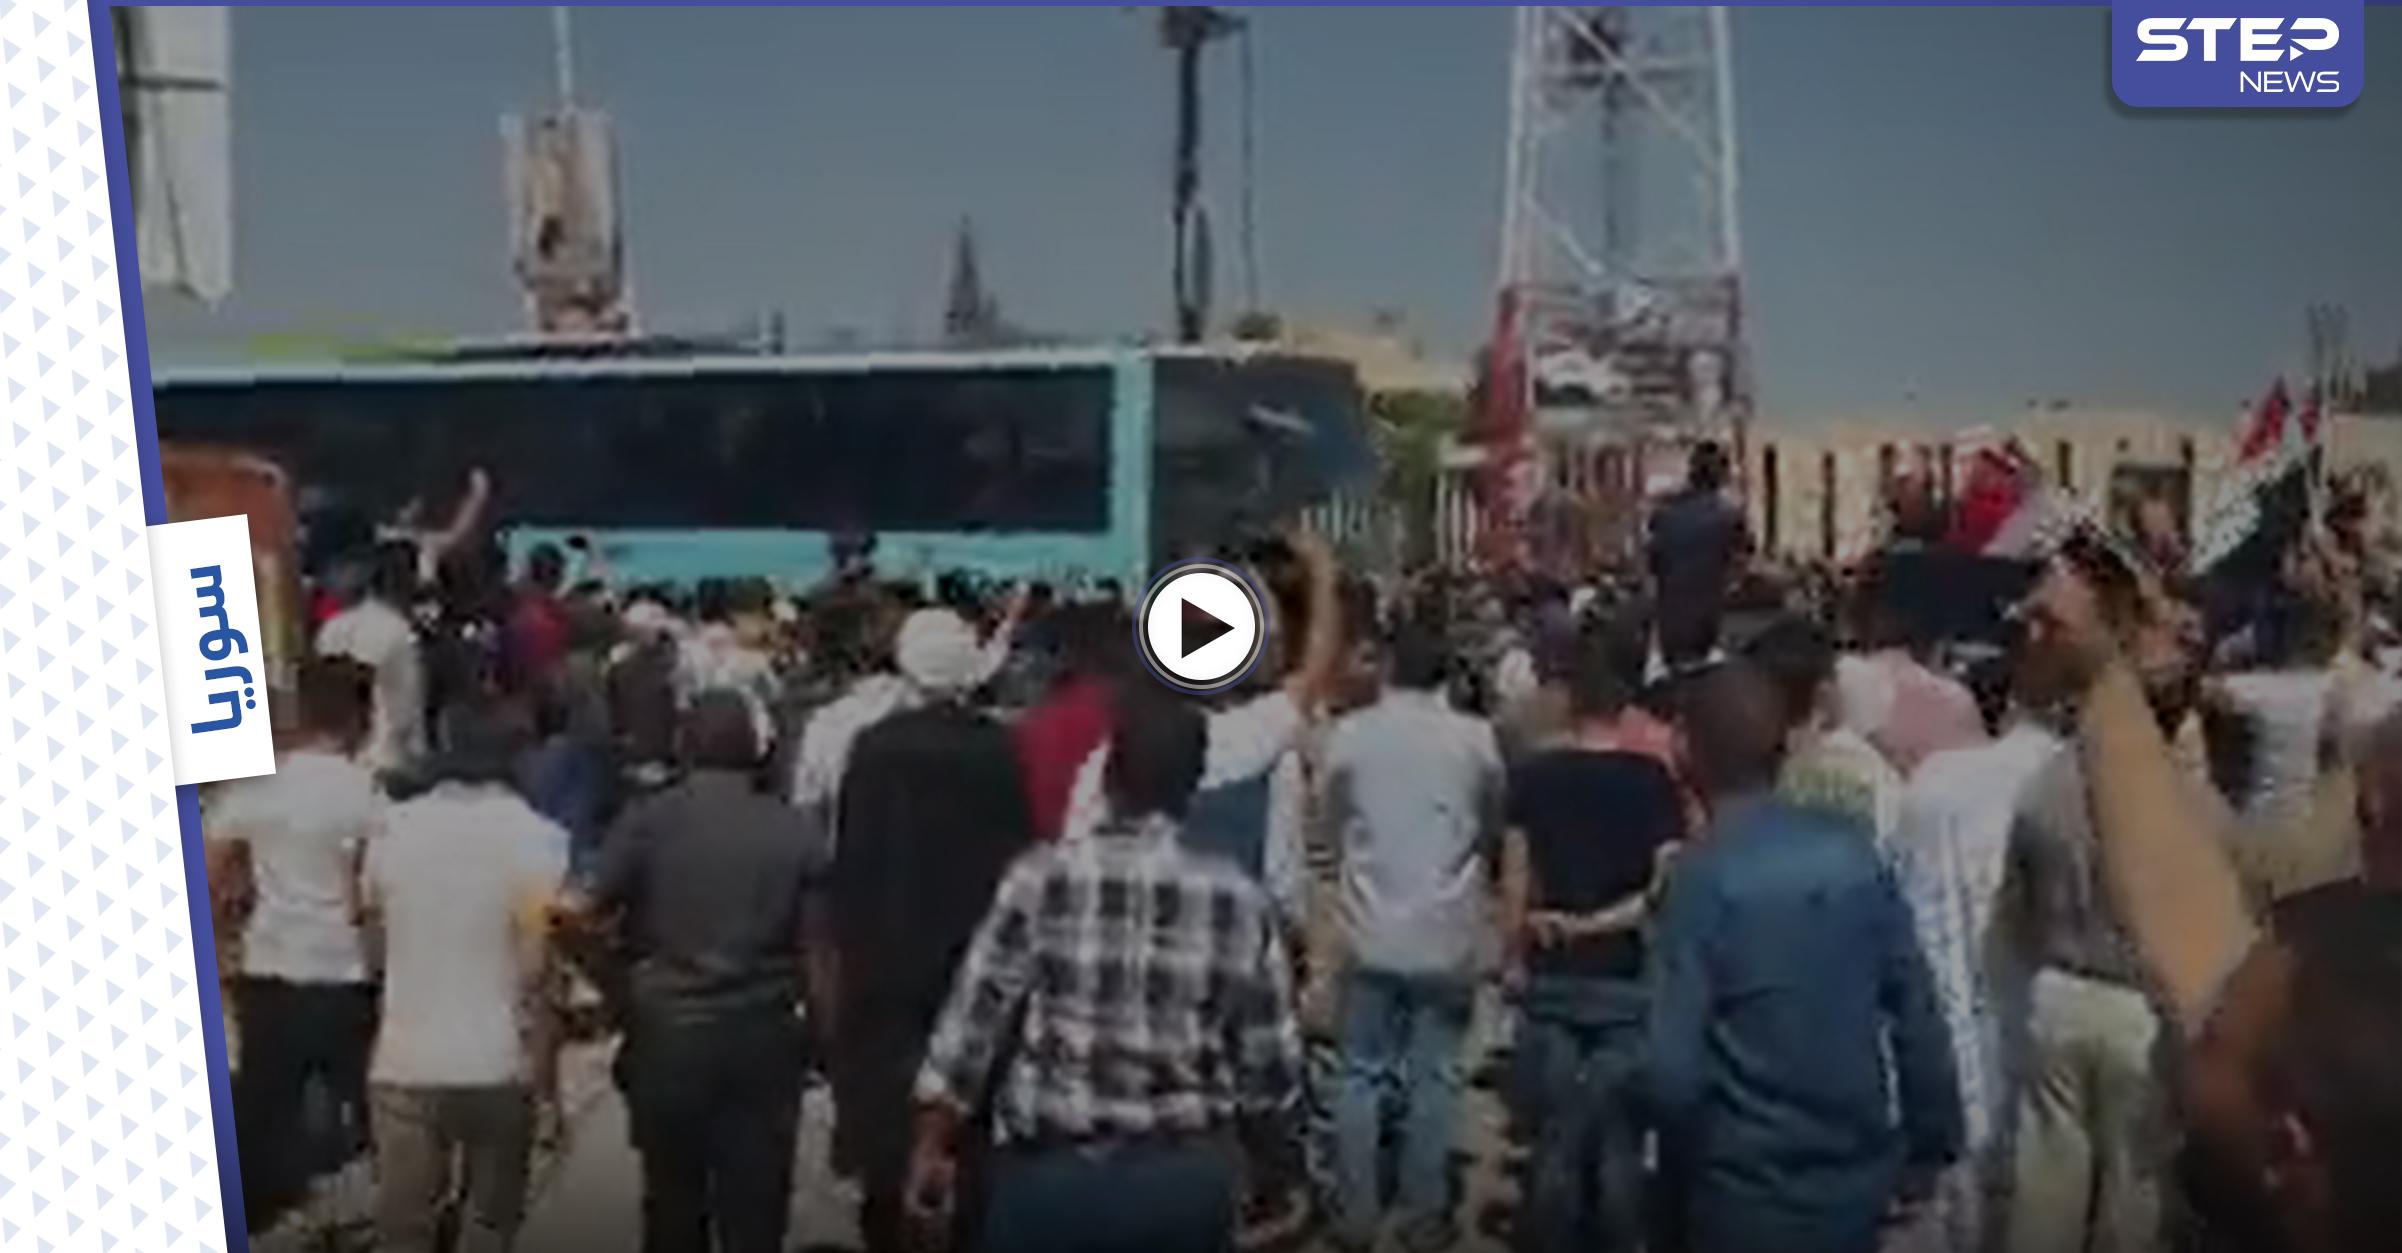 """""""إفراج خُلبي"""".. النظام السوري يُطلق سراح 28 معتقلاً من أبناء مدينة دوما (فيديو)"""